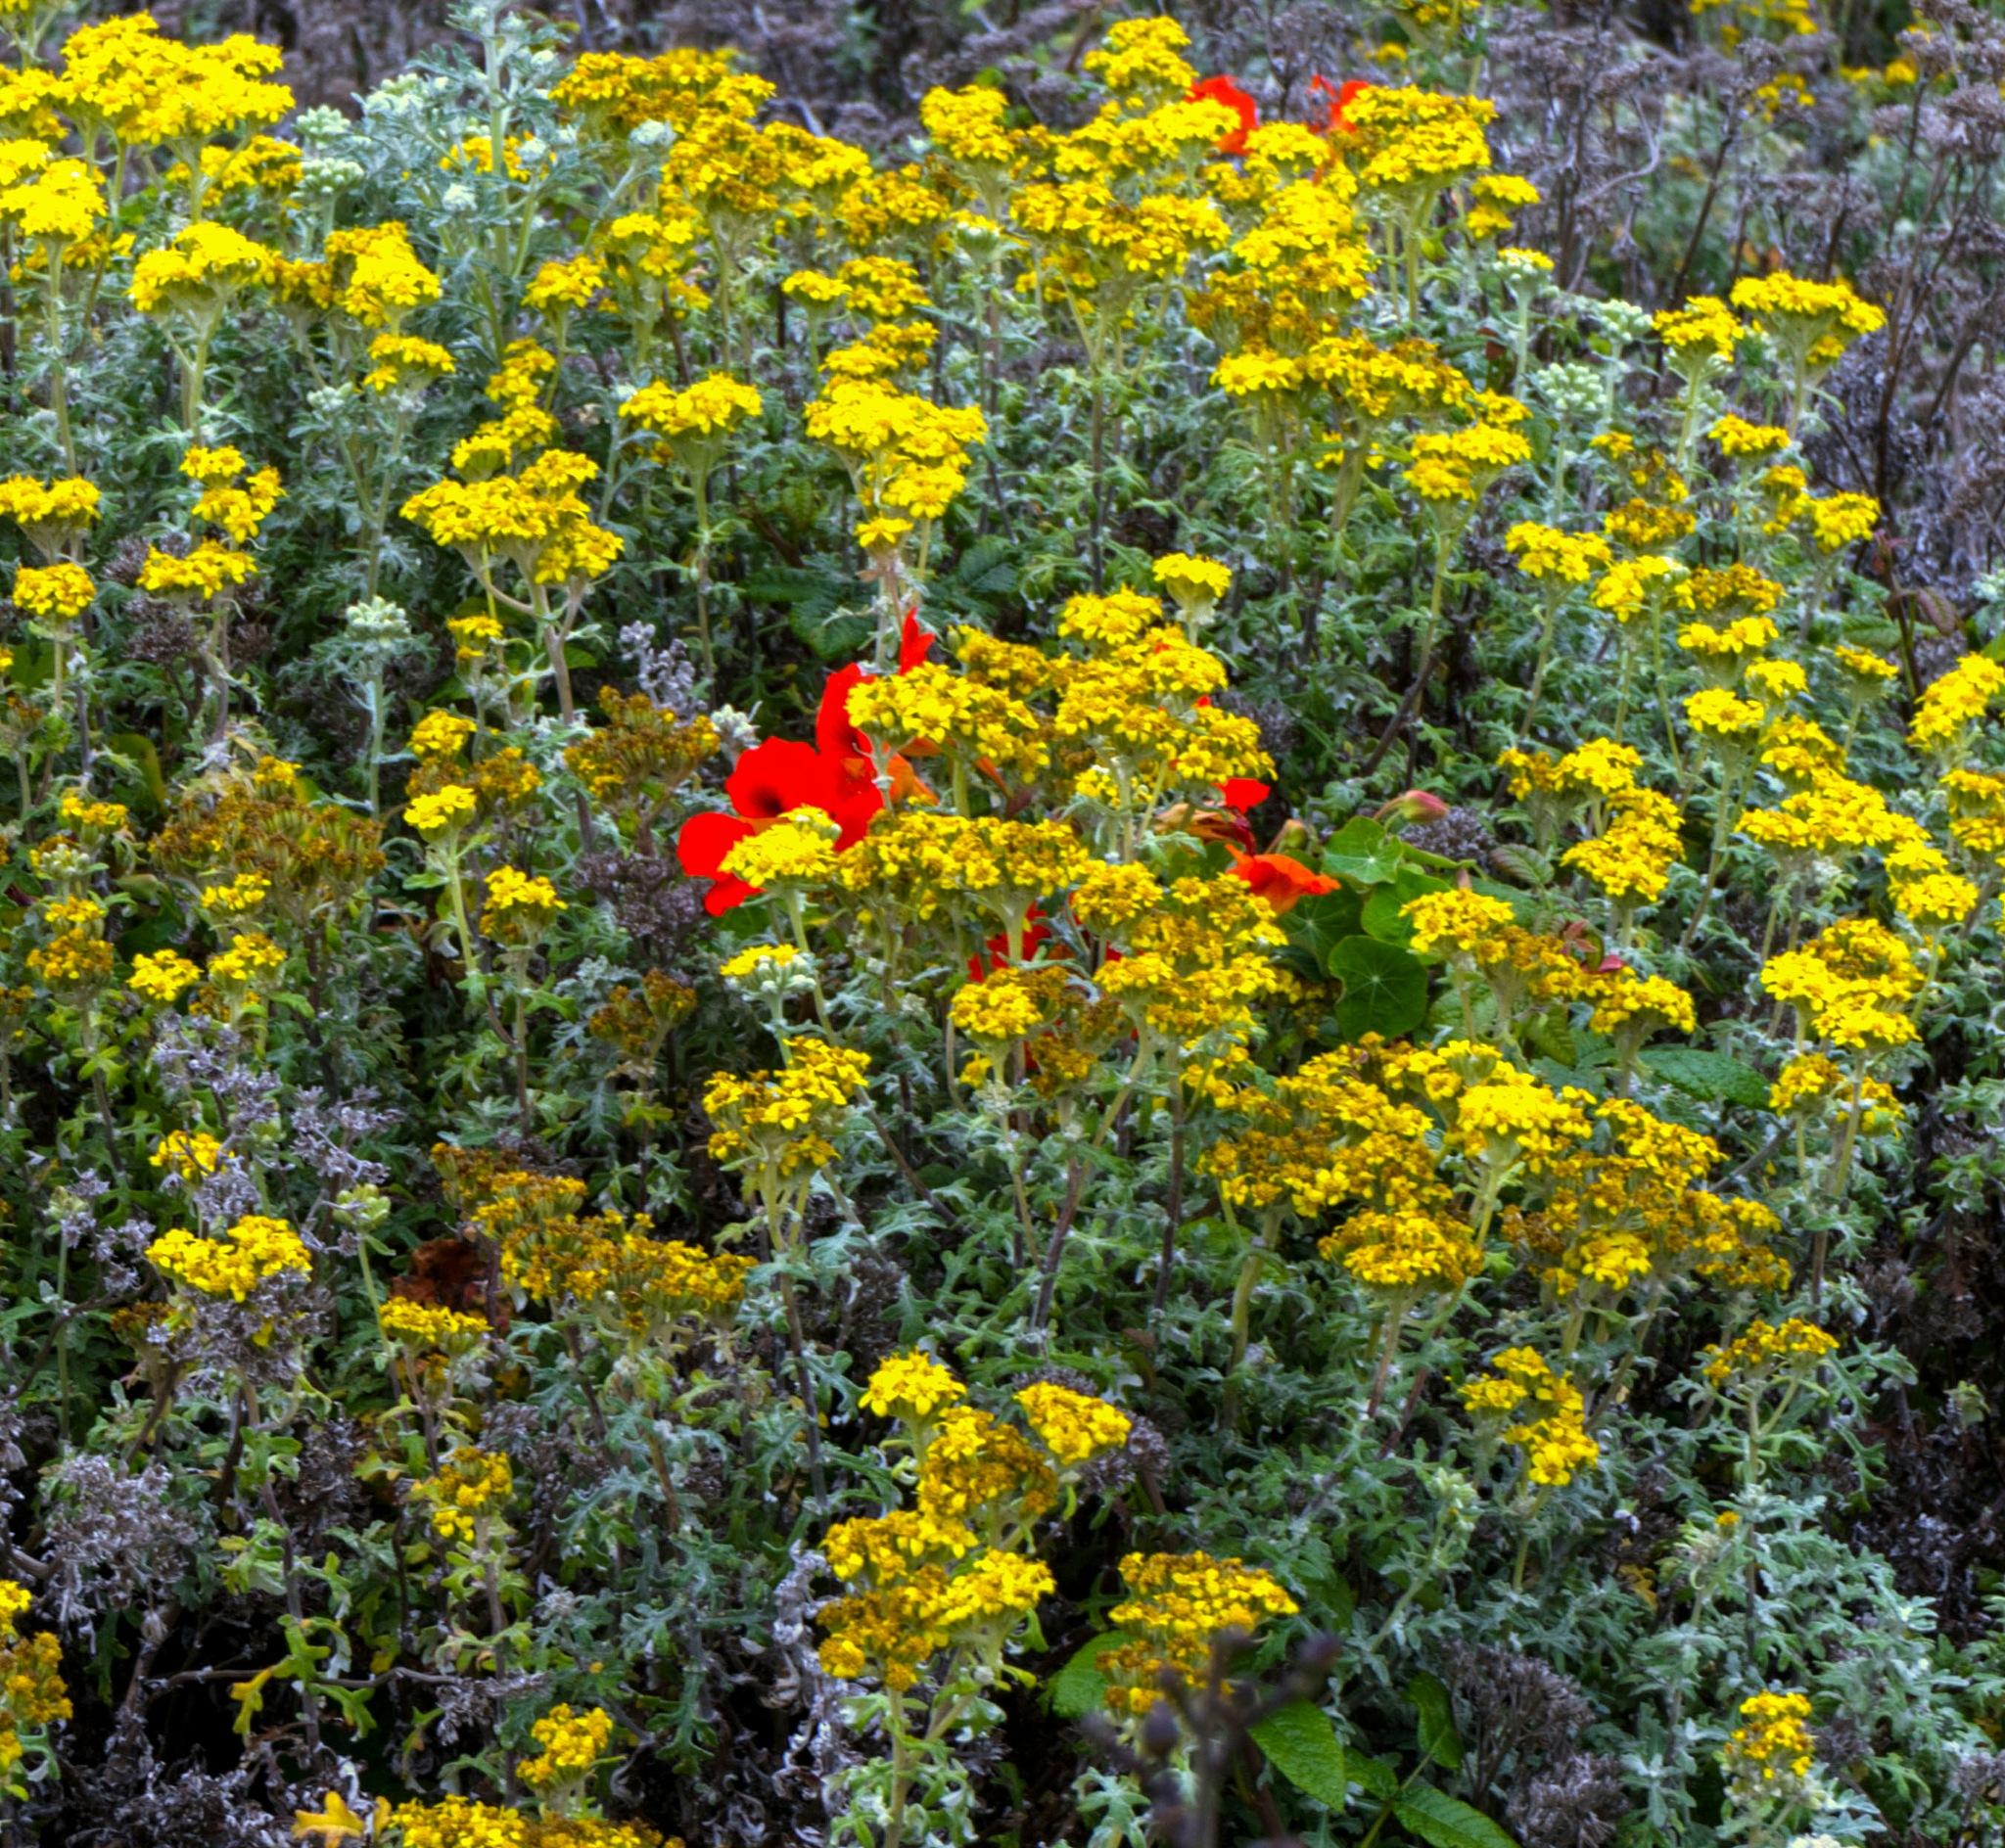 Coastal Wildflowers by Michael Sheltzer